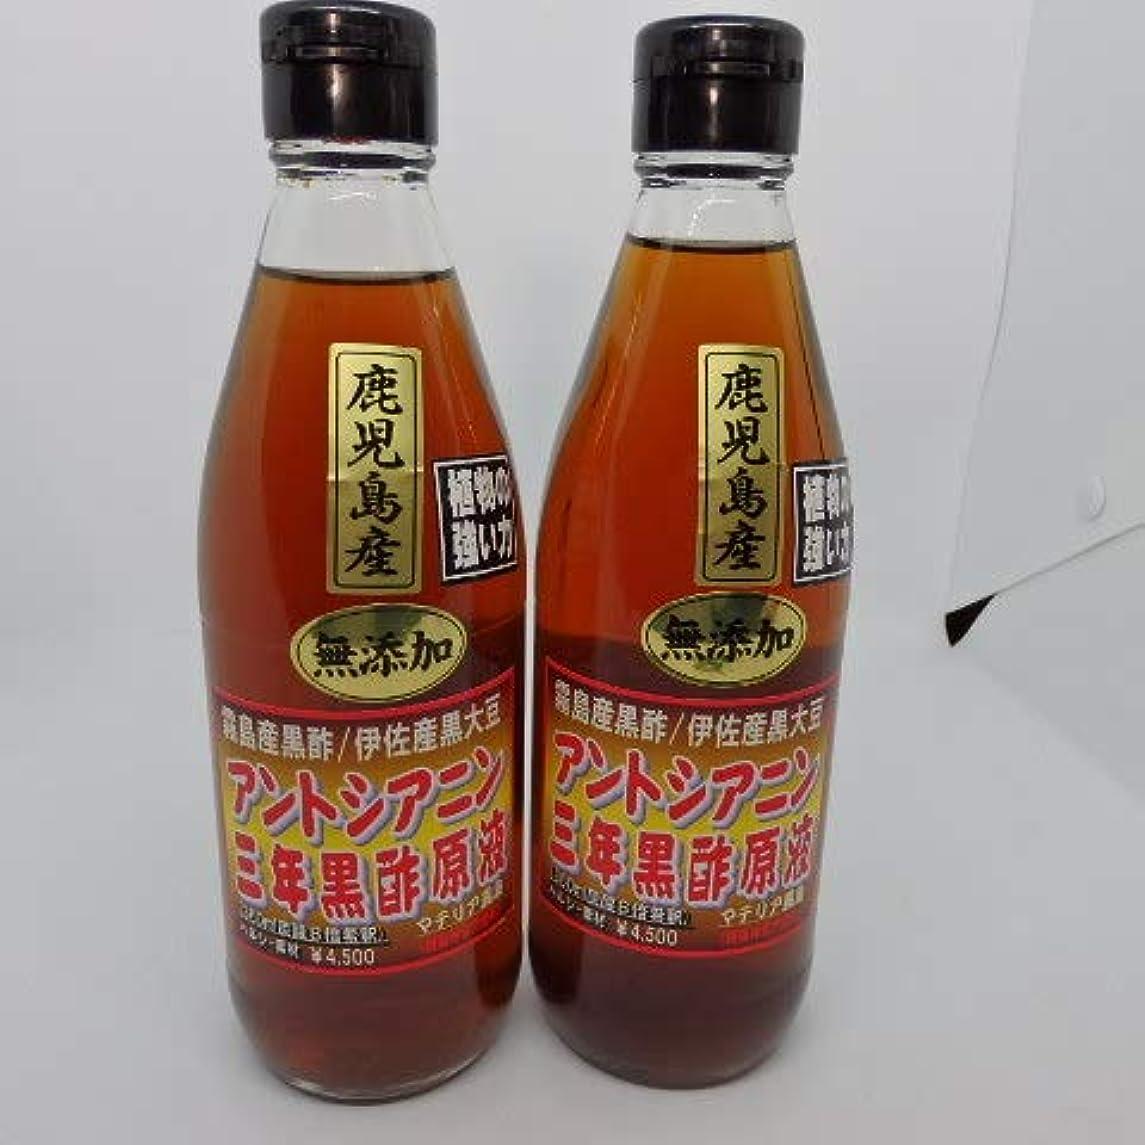 逃れる筋肉のブレーキアントシアニン原液/無添加/黒酢黒豆三年熟成(360ml)×2組6月分¥7,300